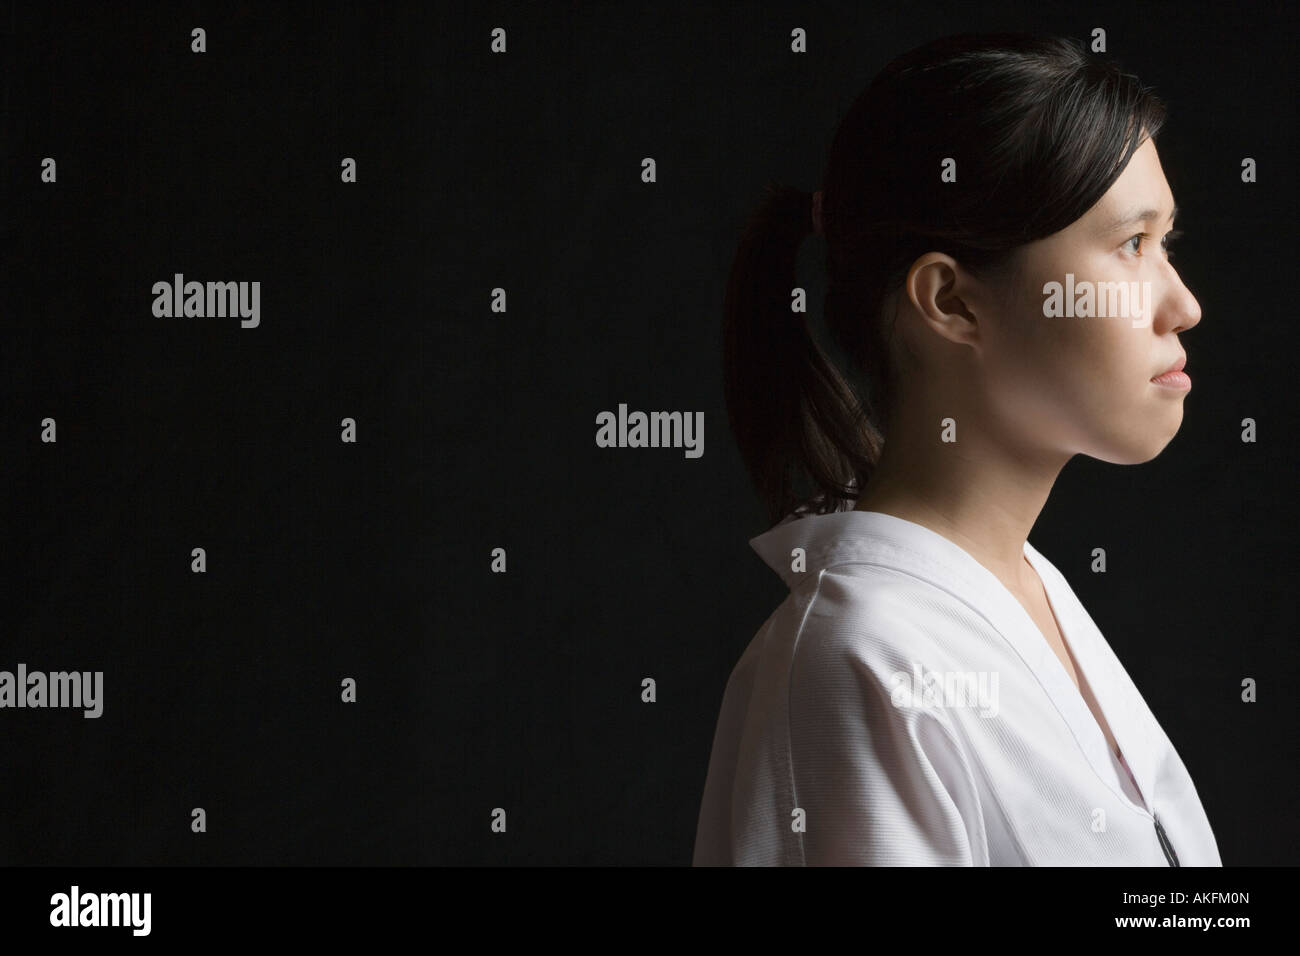 Seitenansicht einer jungen Frau, die Betrachtung Stockbild